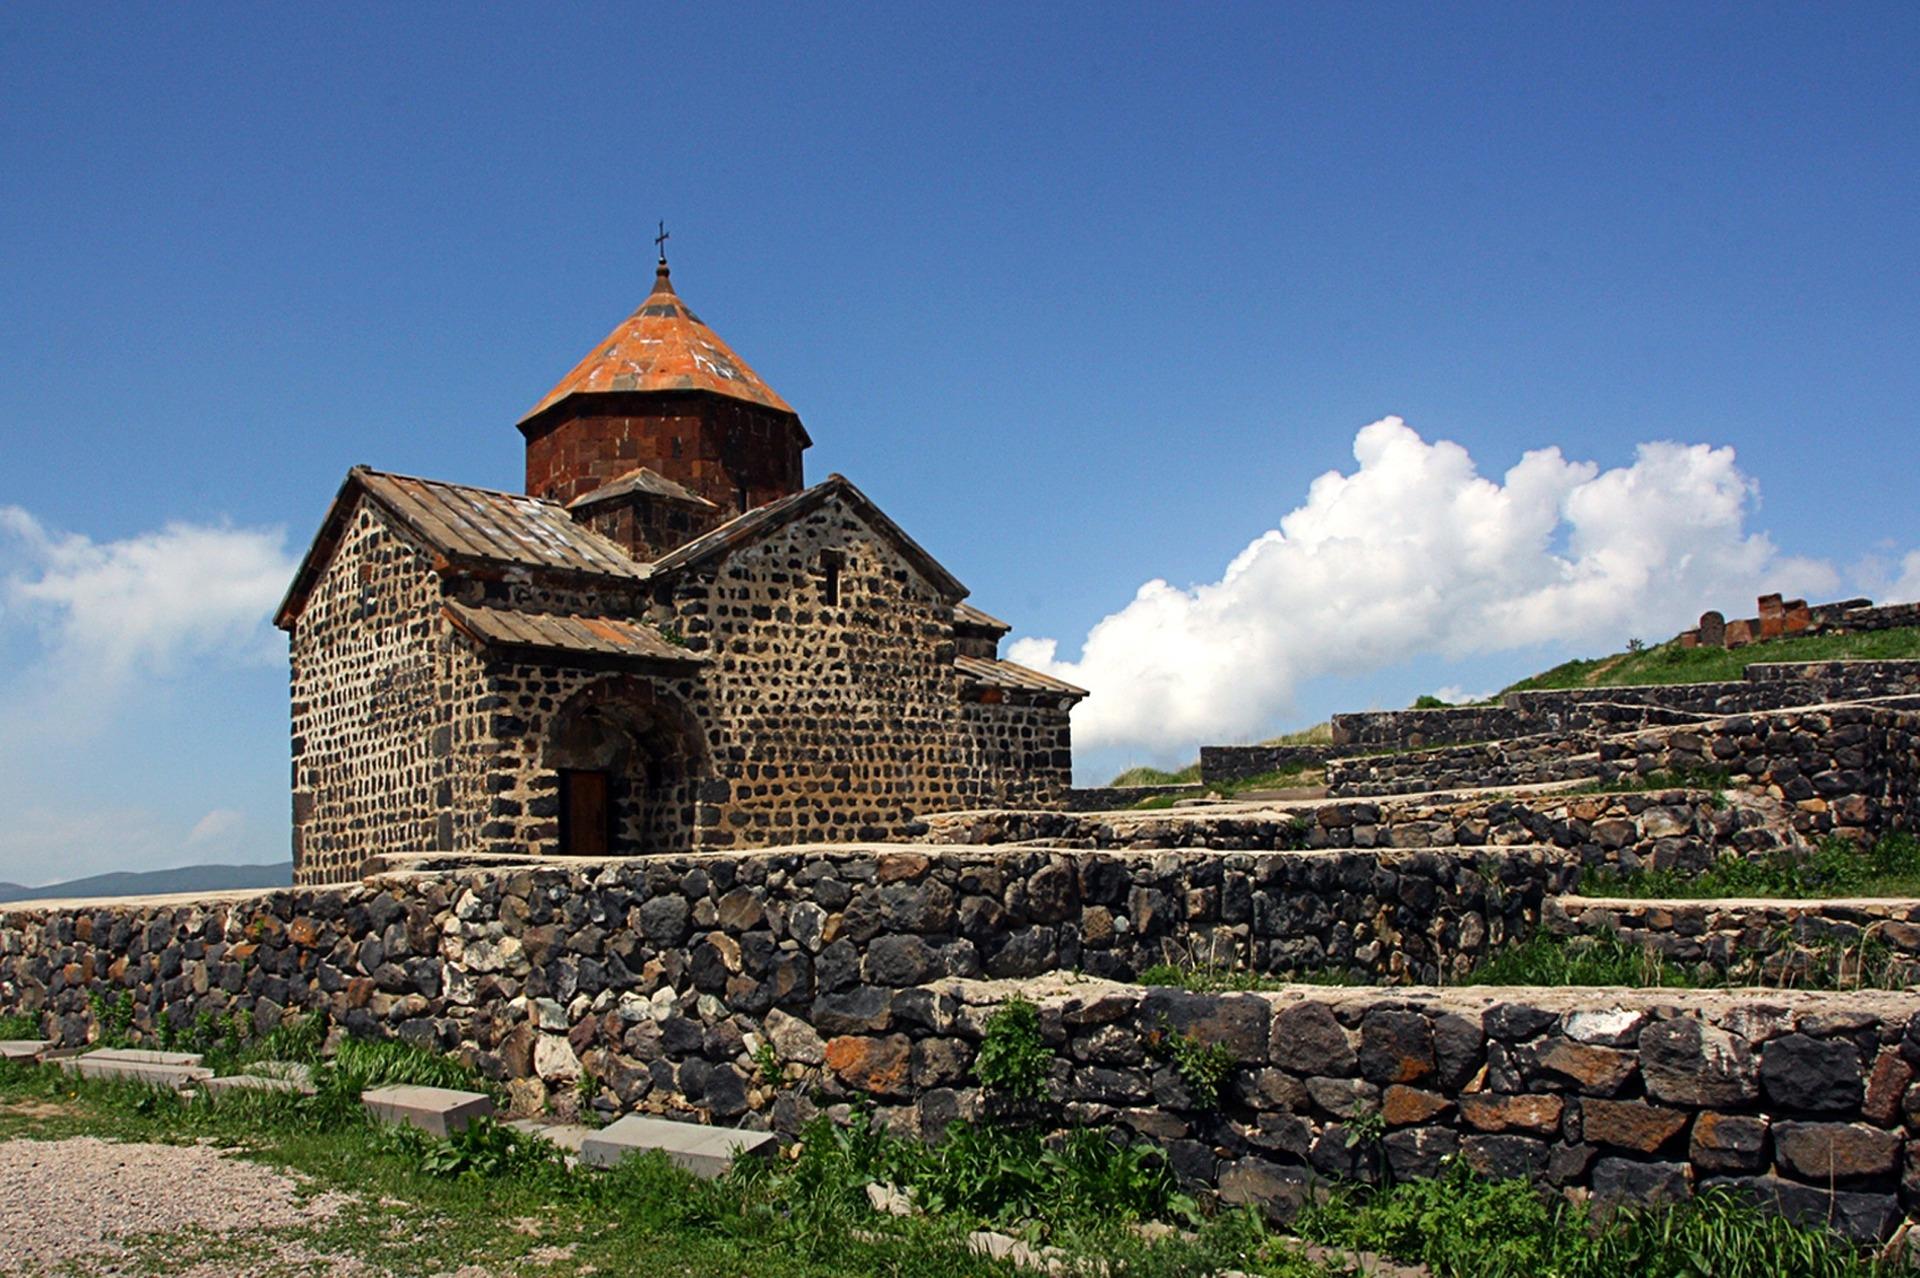 Arménie authentique : peuple, culture, nature, arts et traditions